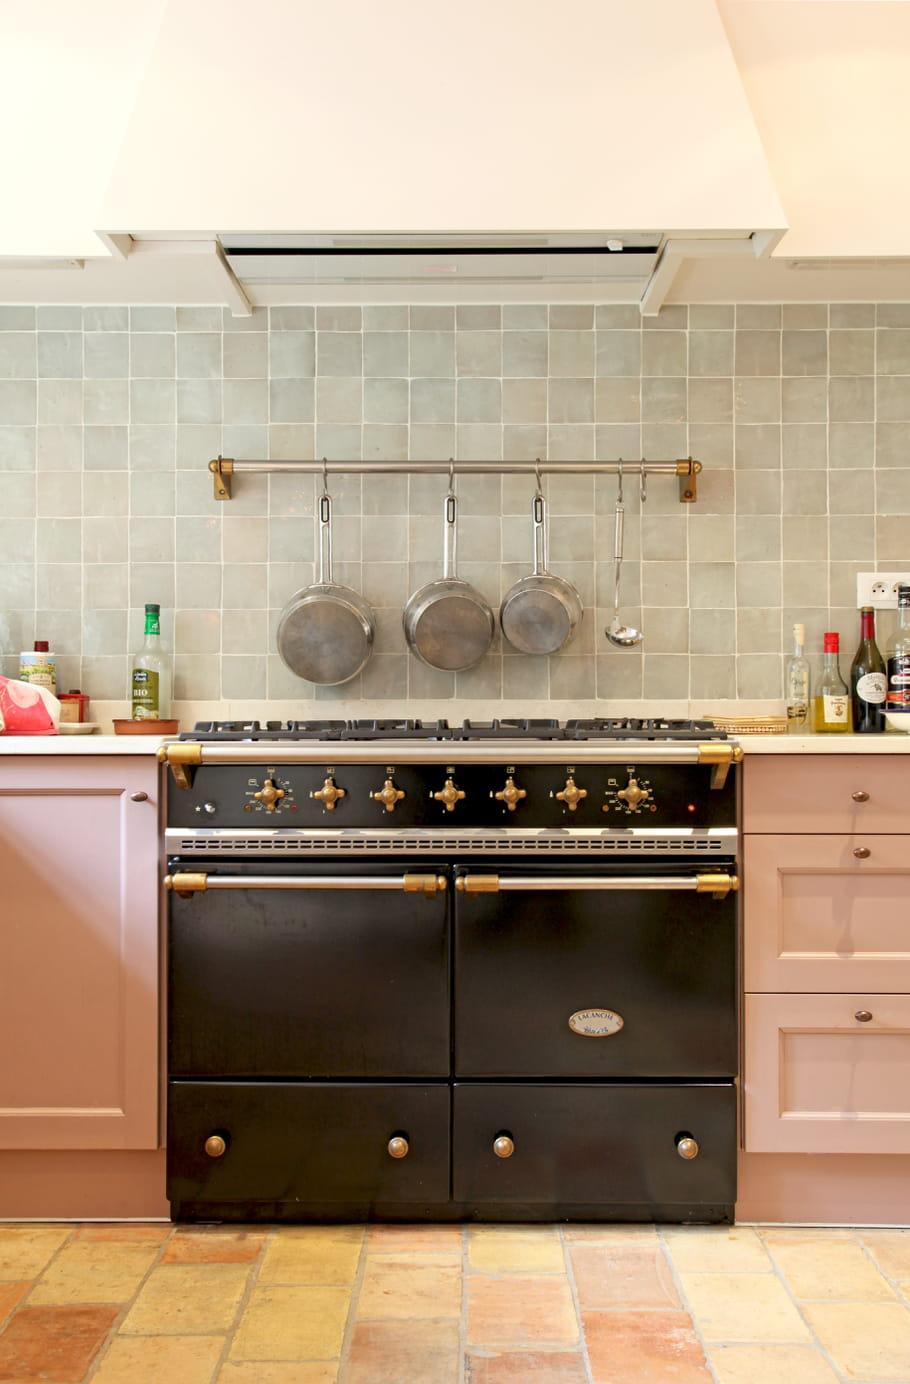 cuisine rose et vert anis. Black Bedroom Furniture Sets. Home Design Ideas